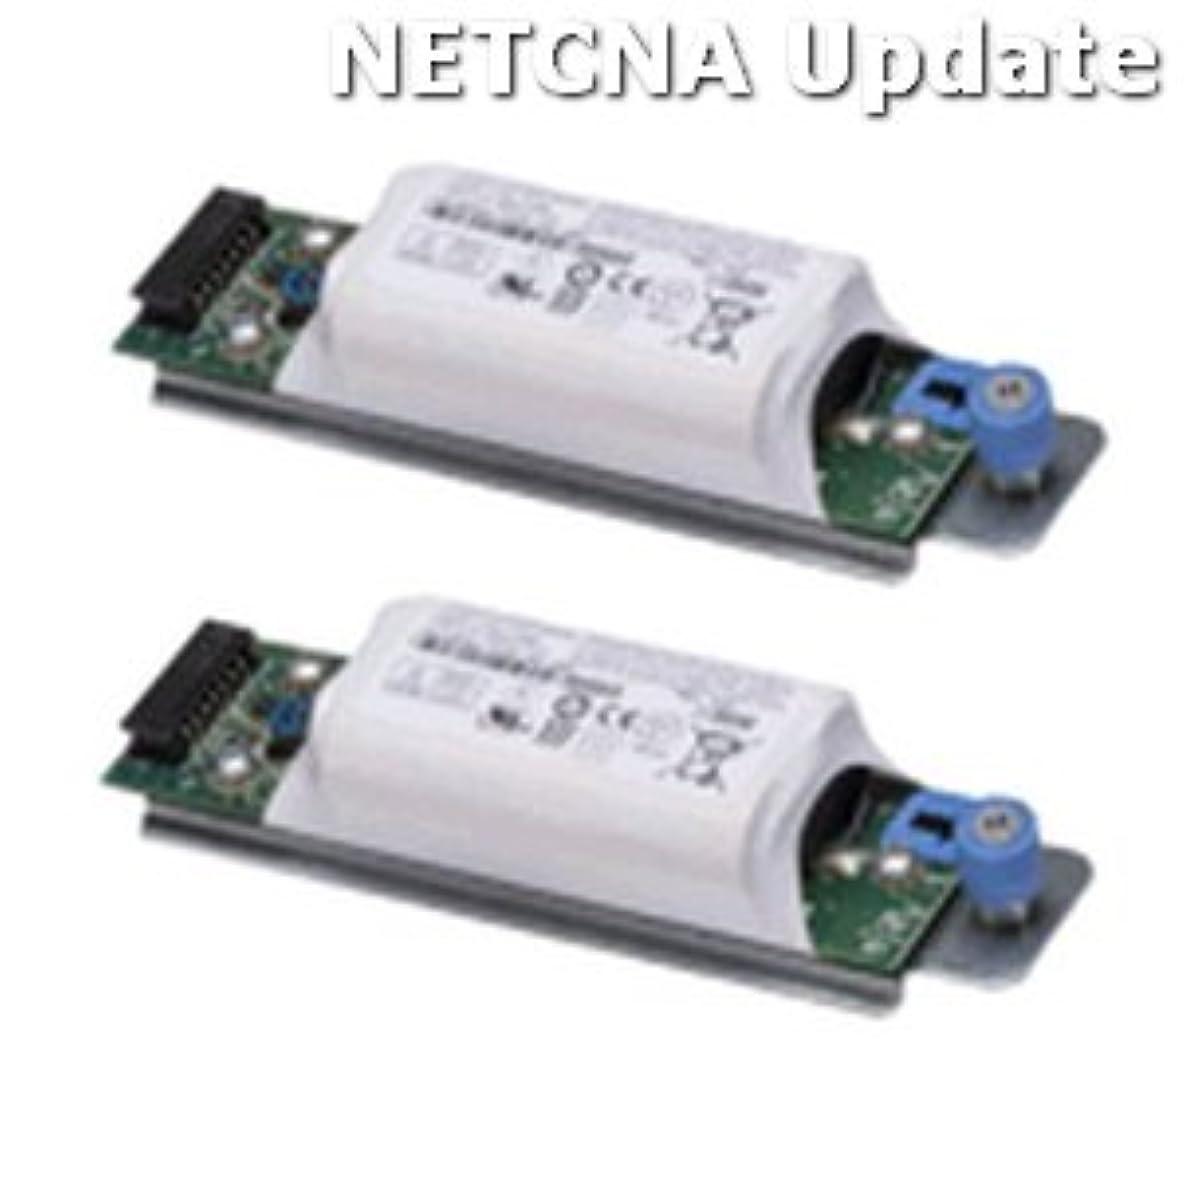 インフルエンザ却下する海峡d668jデルPV md3200i / 3220iコントローラバッテリー互換製品by NETCNA